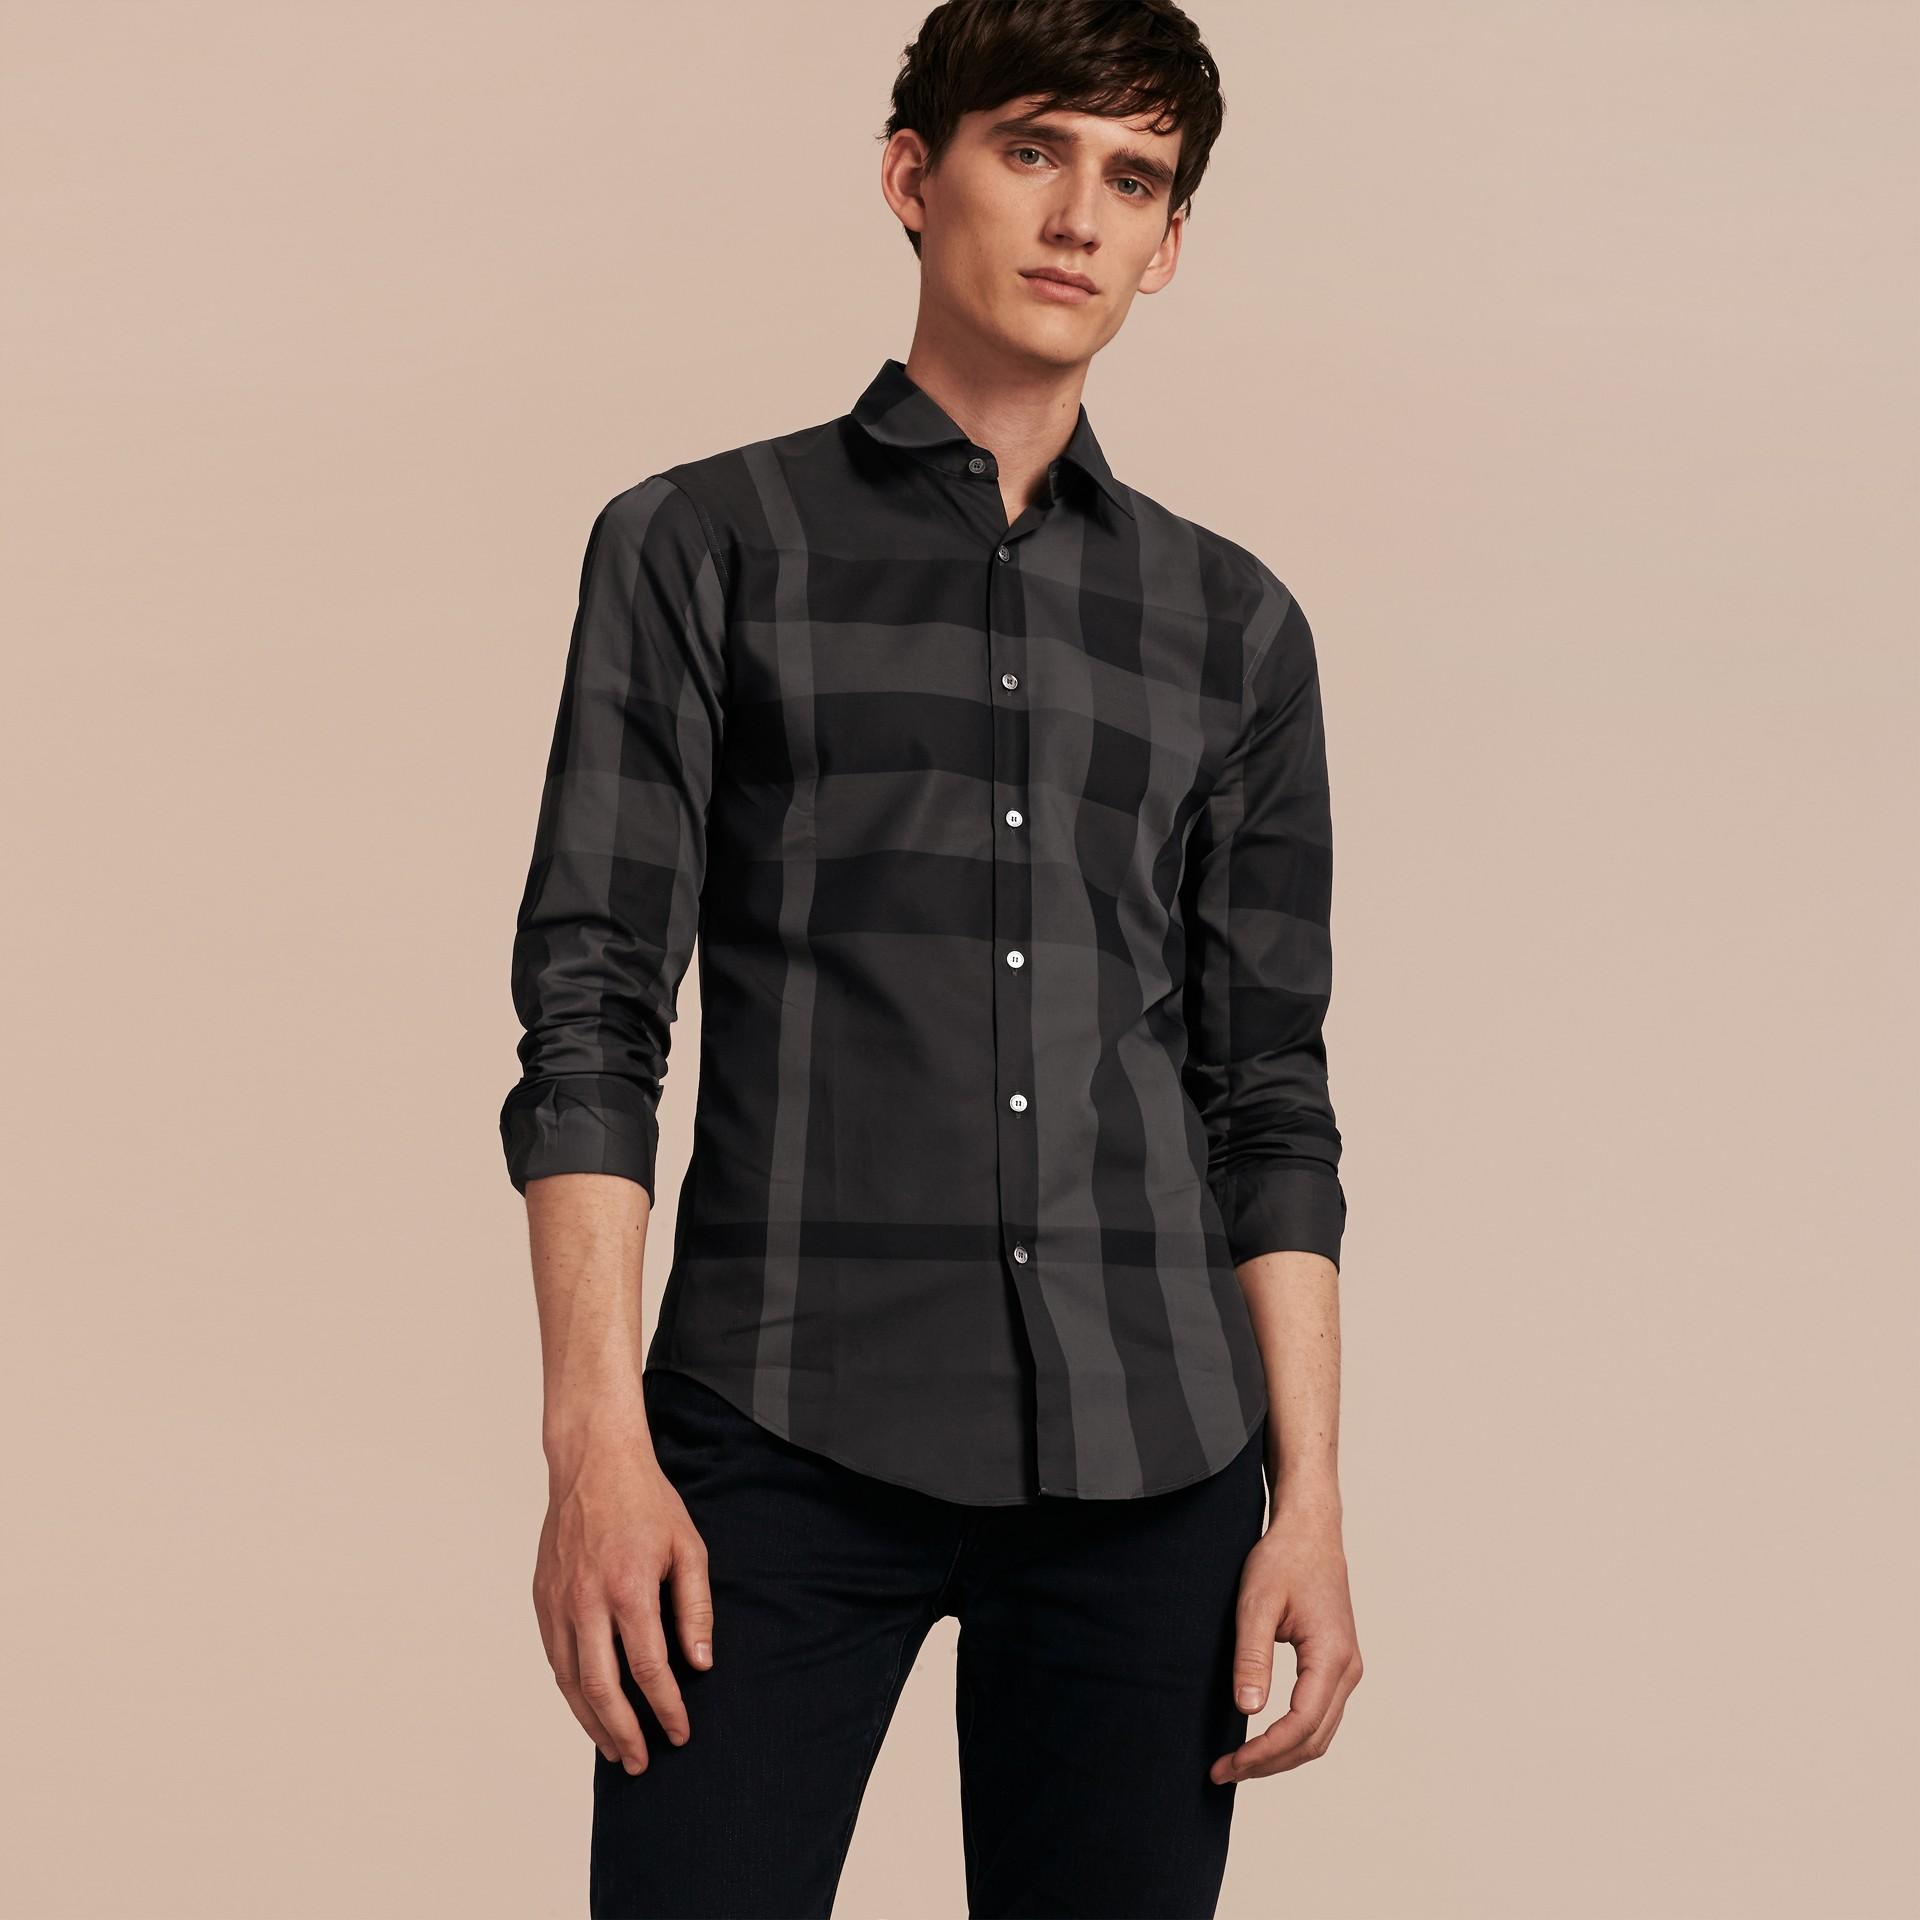 Gris marengo Camisa en algodón con estampado de checks Gris Marengo - imagen de la galería 6